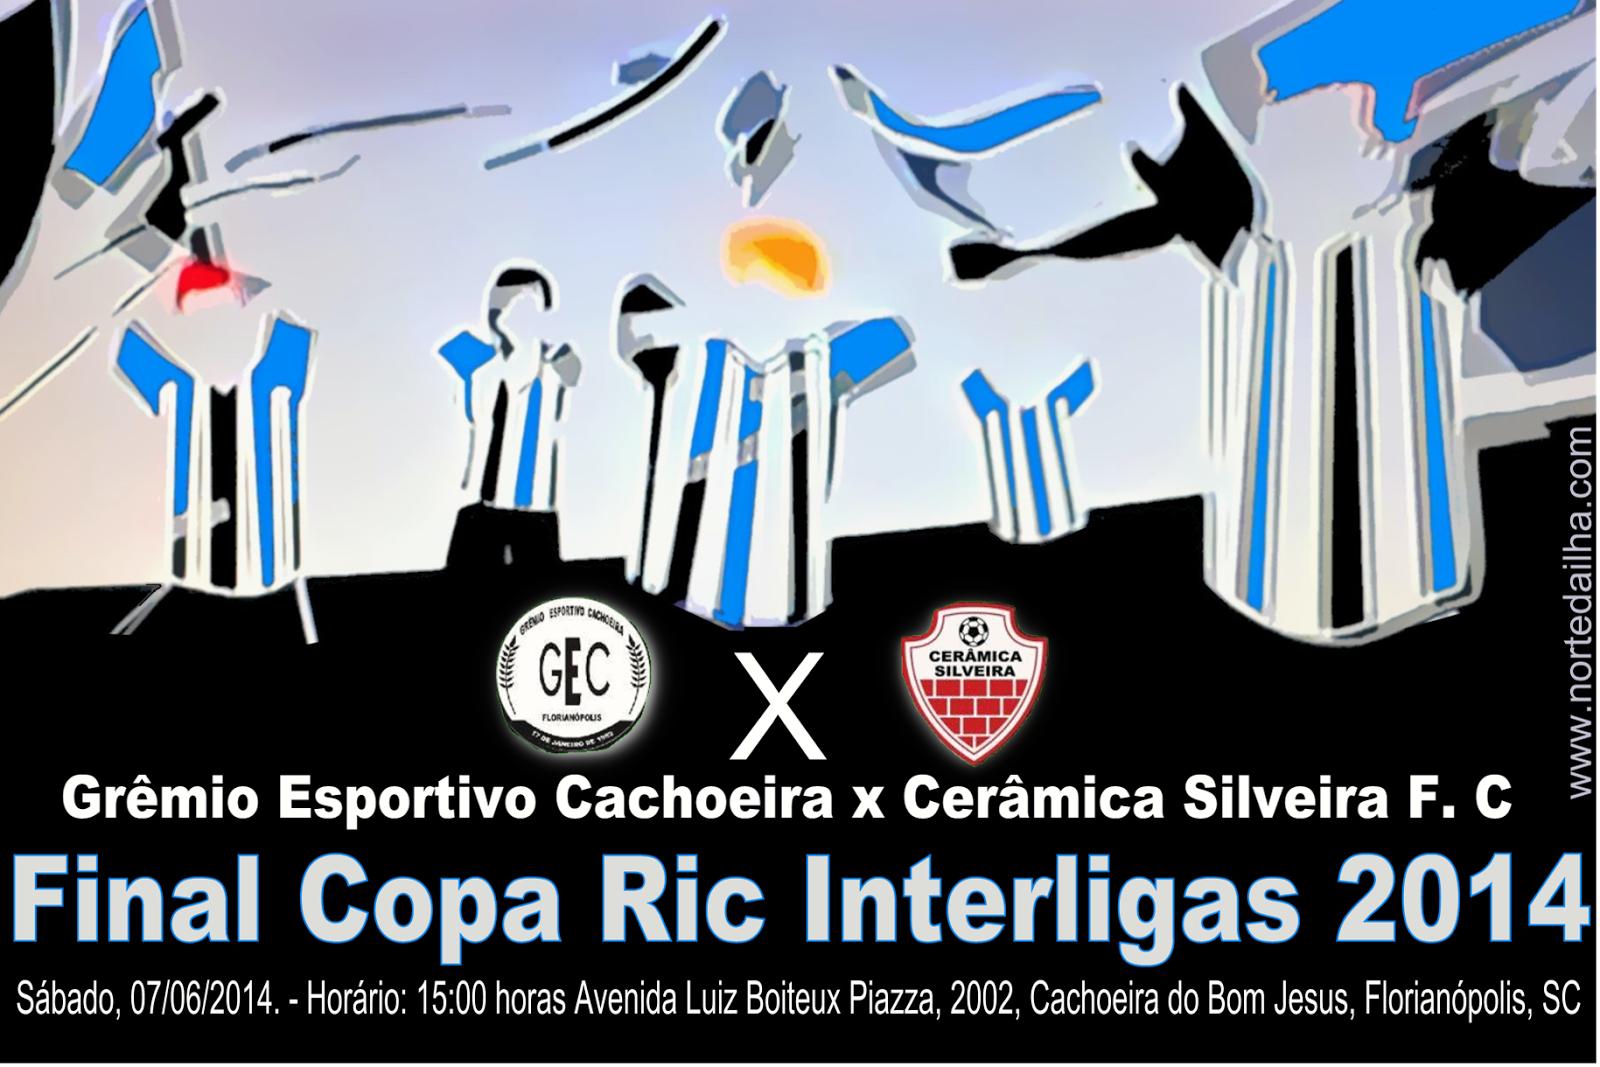 Grande Final da Copa Ric Interligas 2014